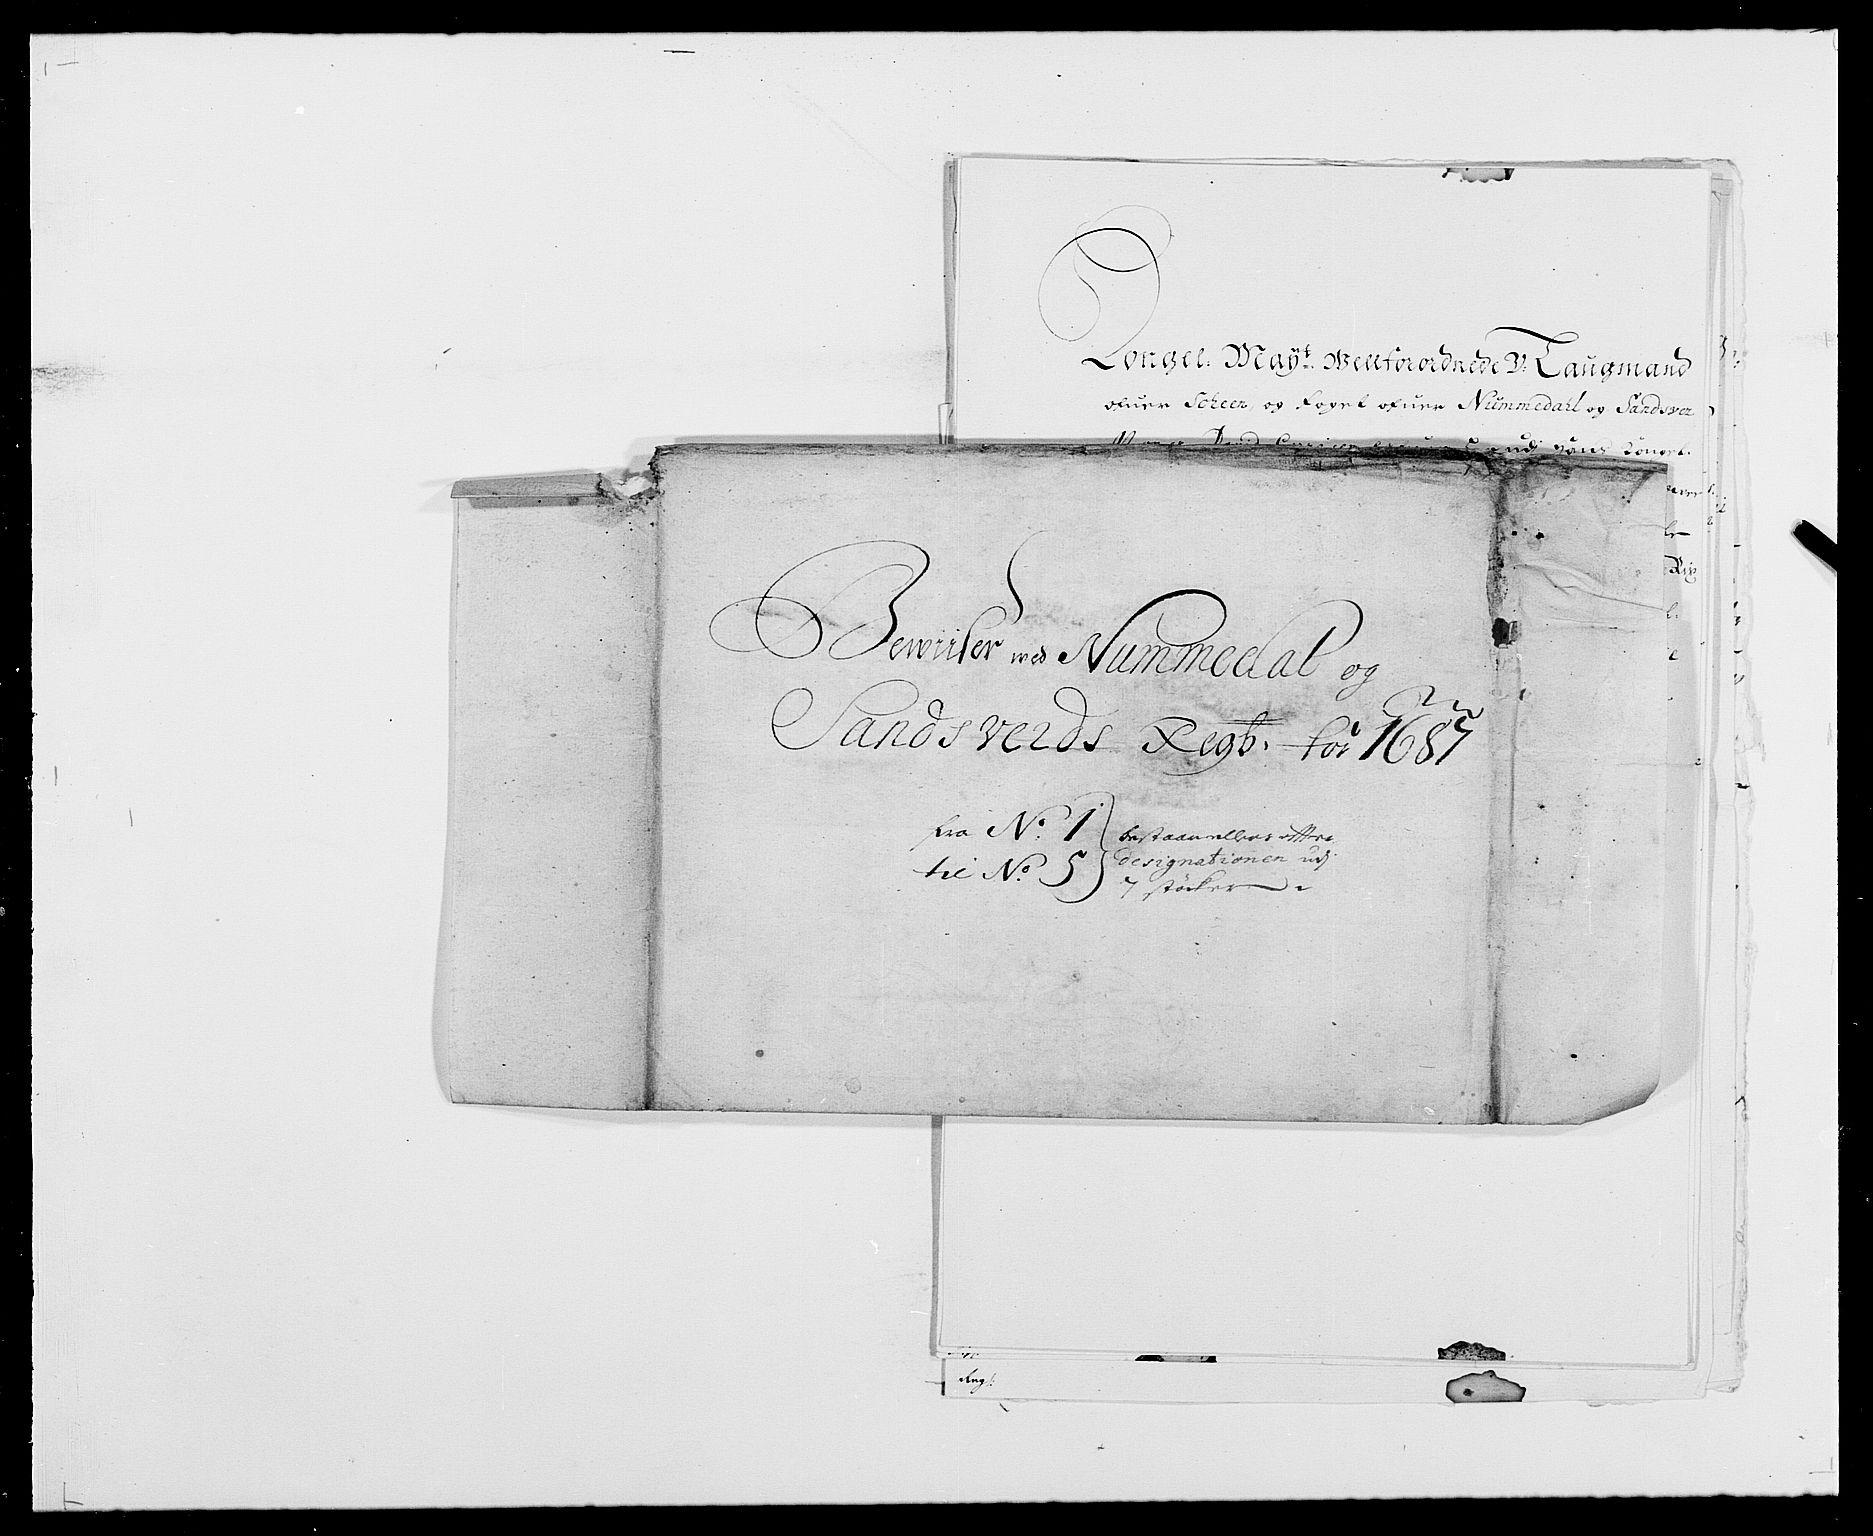 RA, Rentekammeret inntil 1814, Reviderte regnskaper, Fogderegnskap, R24/L1573: Fogderegnskap Numedal og Sandsvær, 1687-1691, s. 188